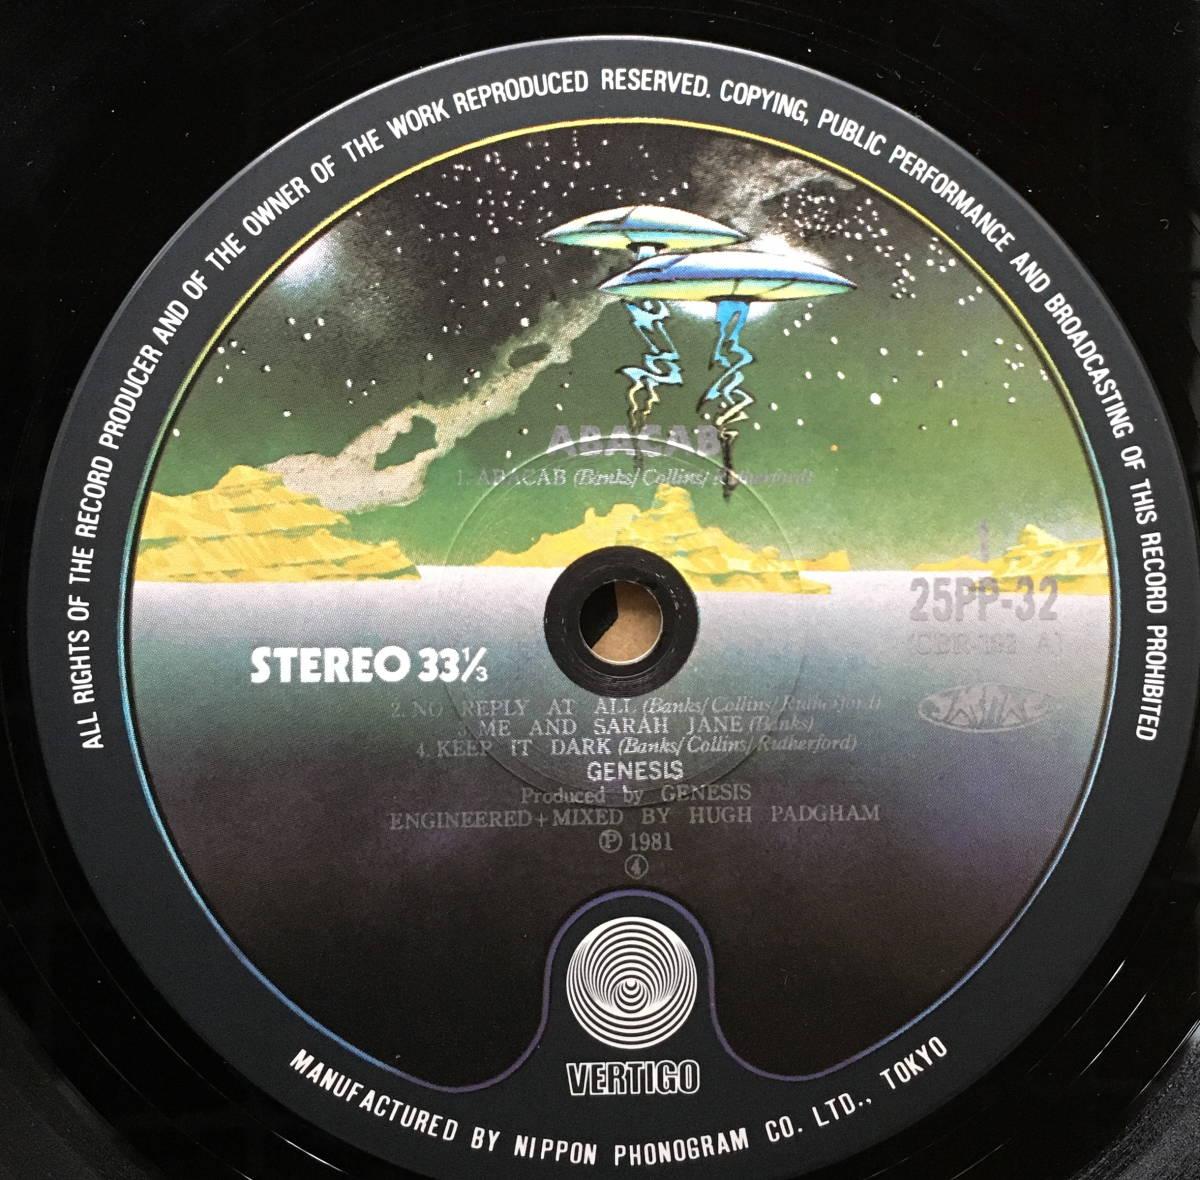 ジェネシス Genesis アルバム3枚「そして3人が残った And Then There Were Three」「デューク Duke」「アバカブ Abacab フィル・コリンズ_画像10